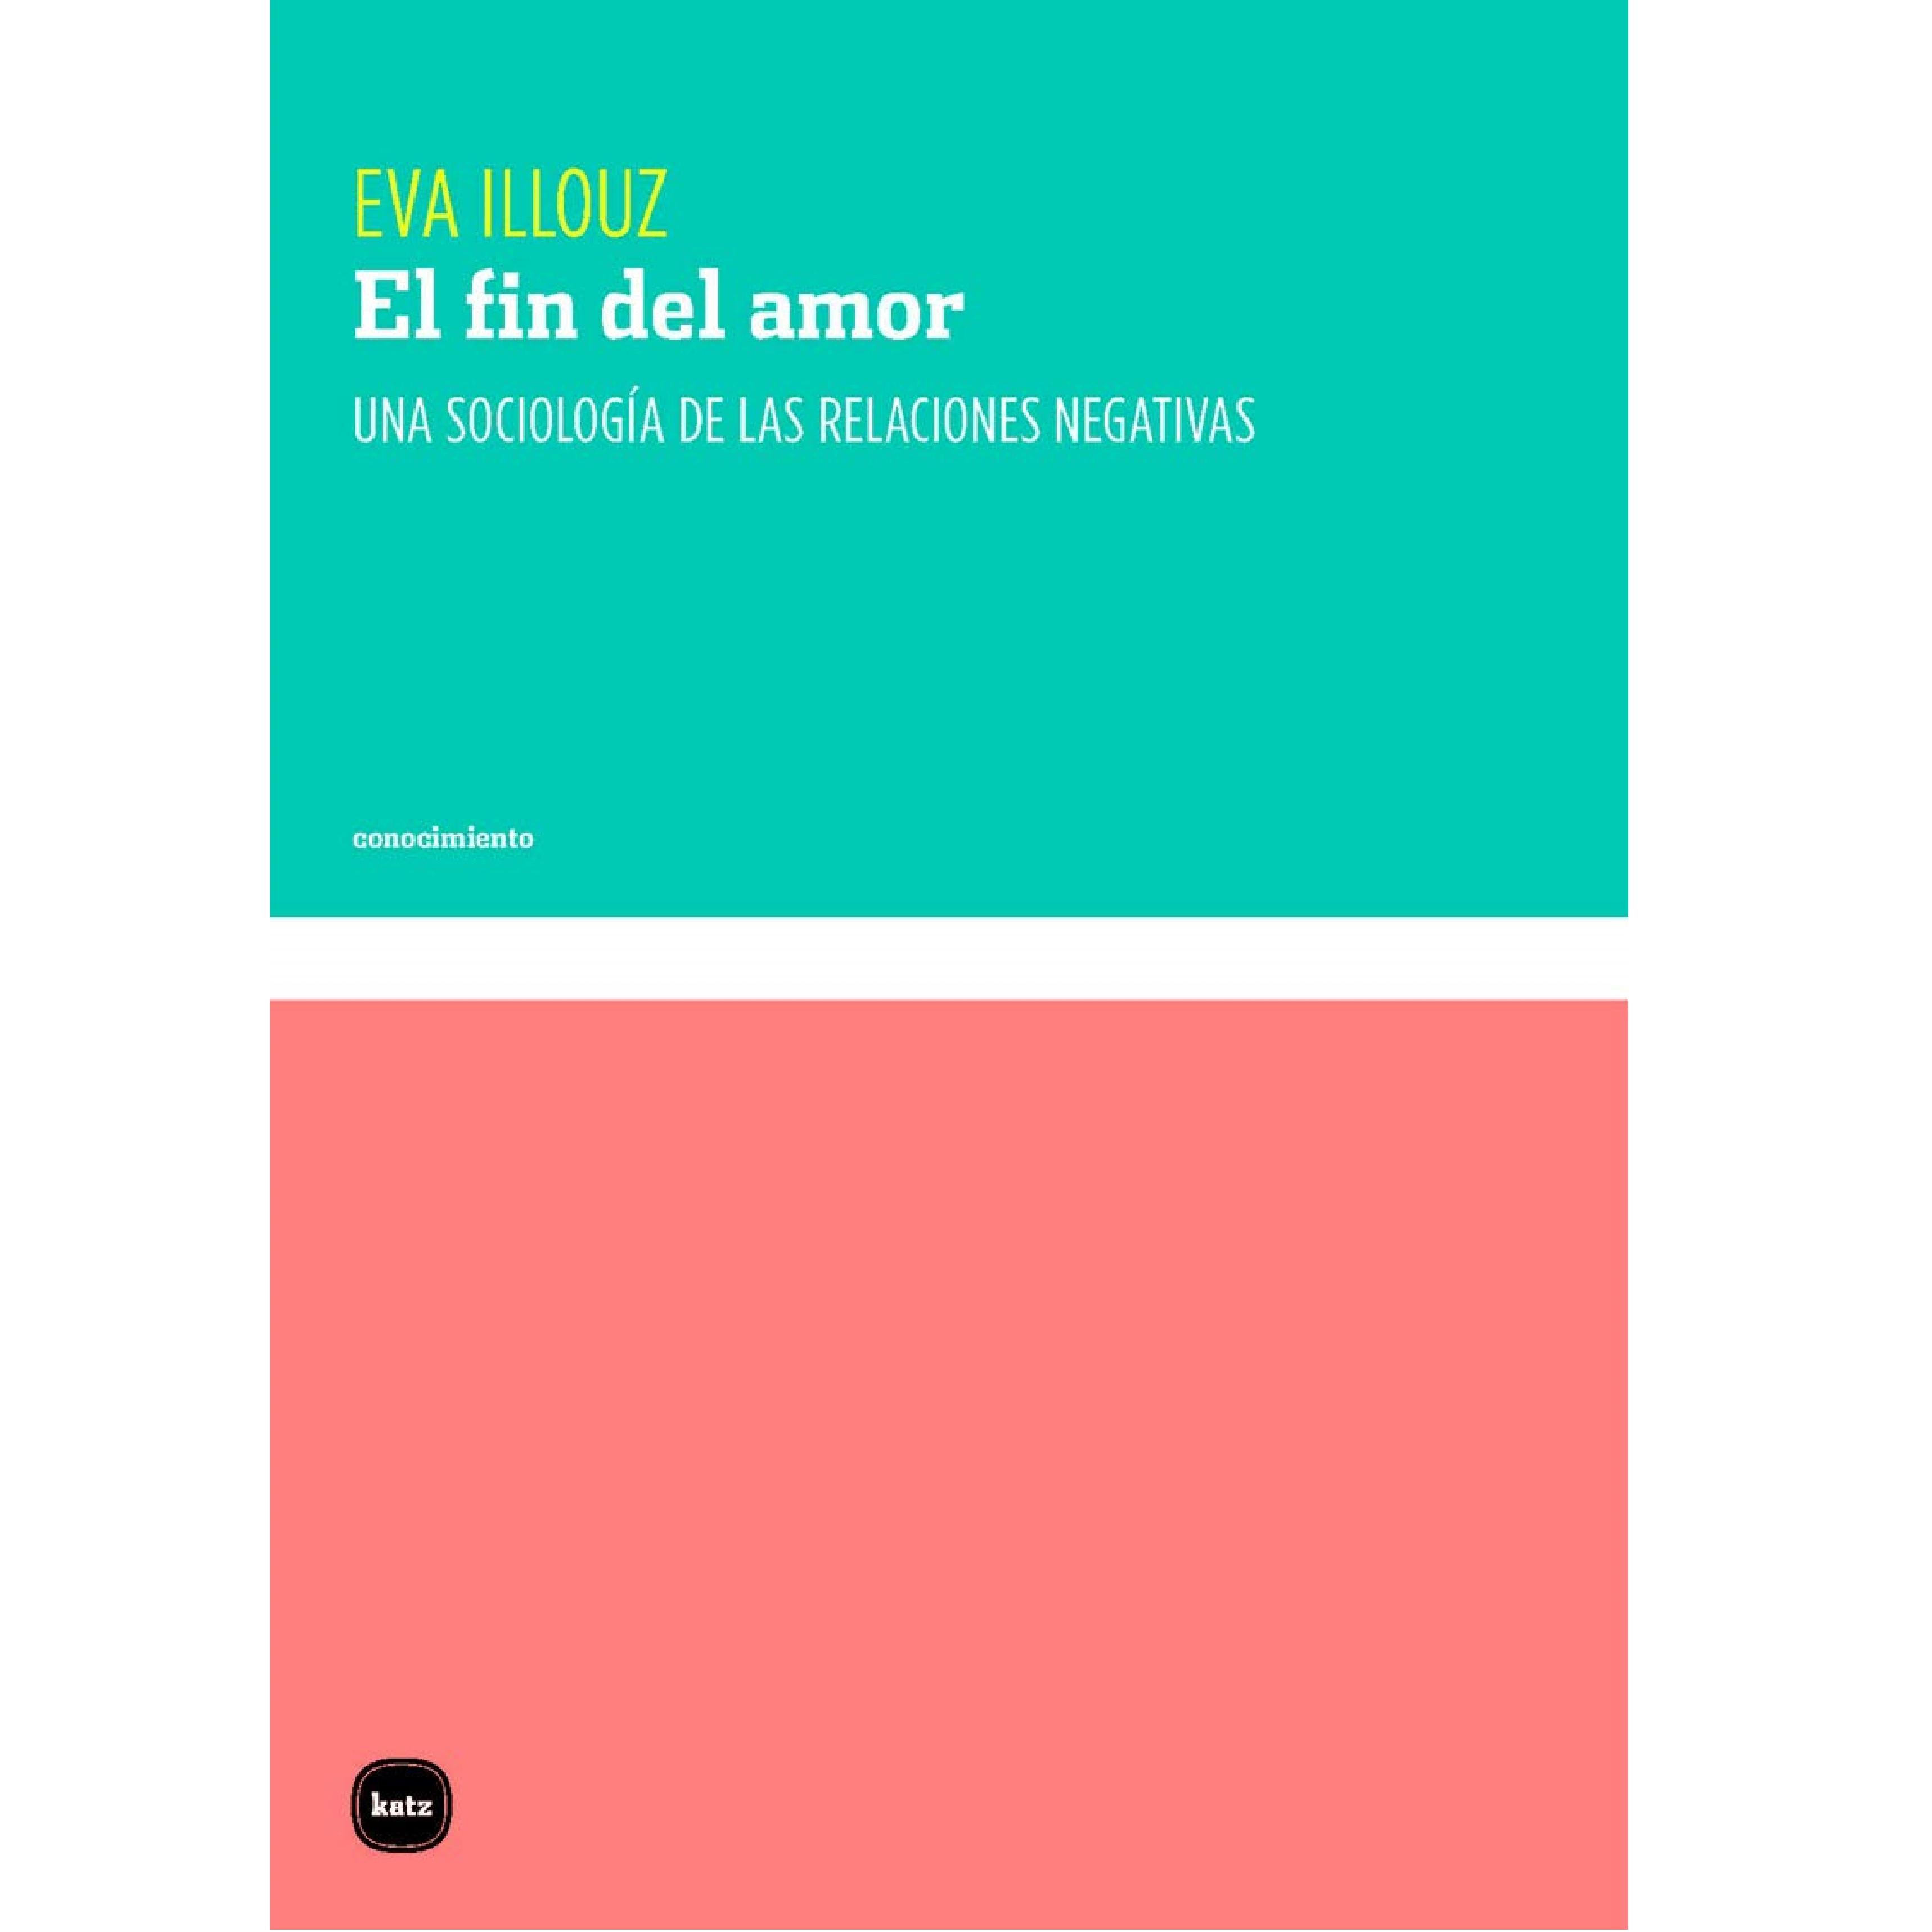 Portada de 'El fin del amor', de Eva Illouz.